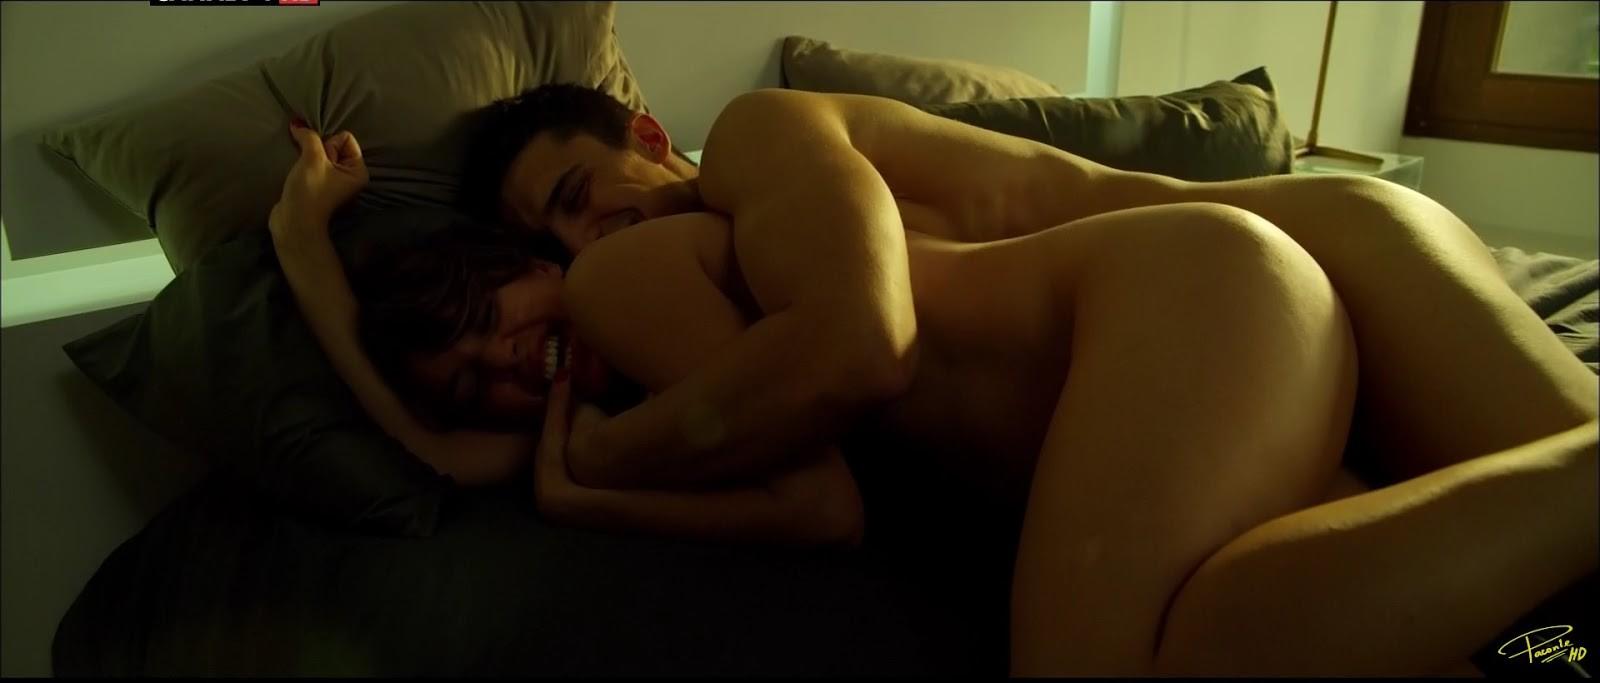 krasivie-seksualnie-stseni